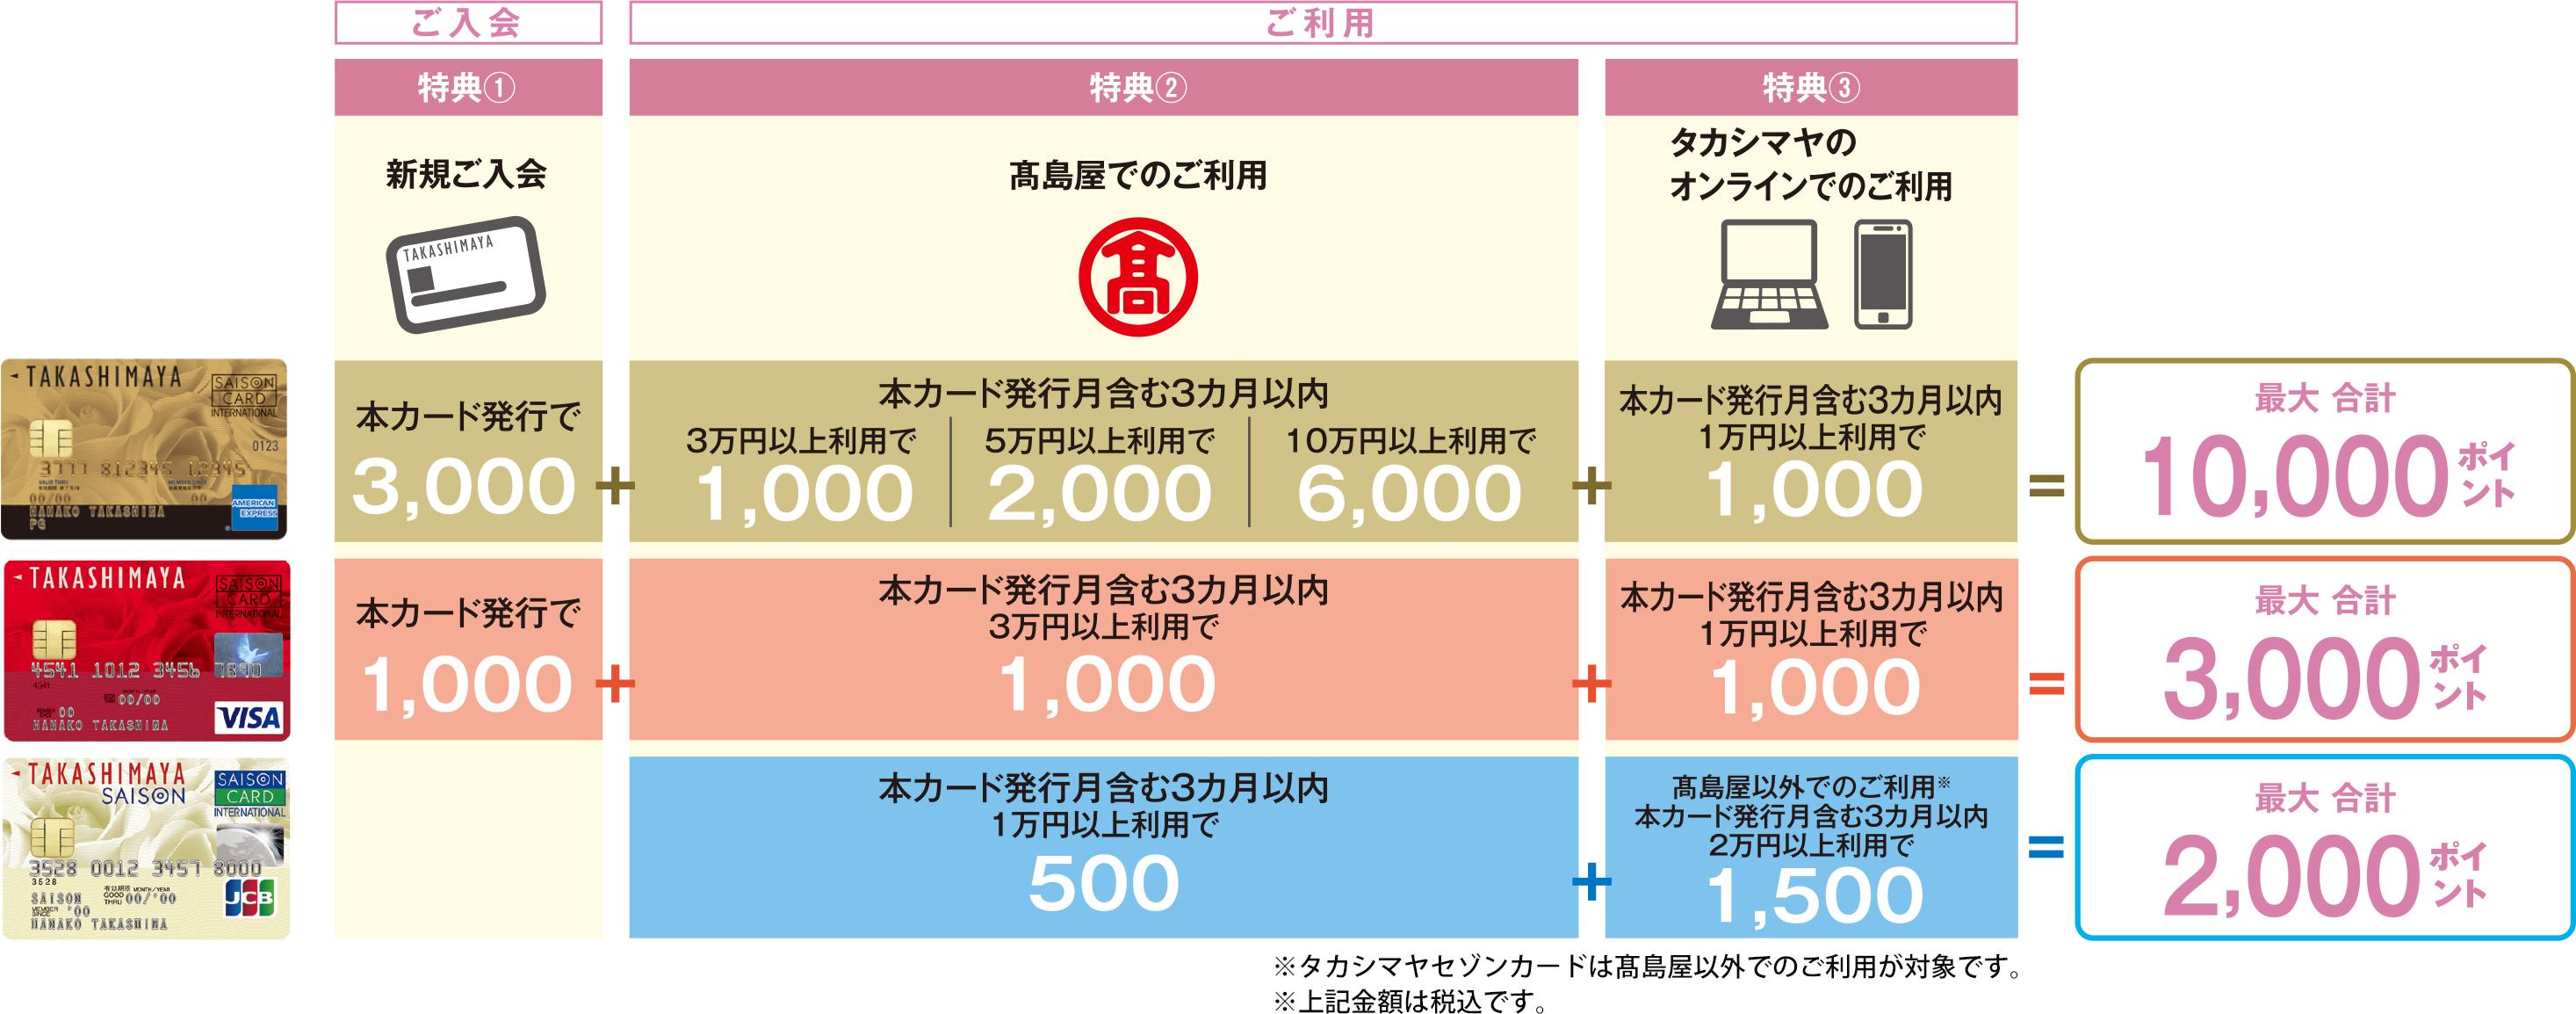 タカシマヤカードのキャンペーン